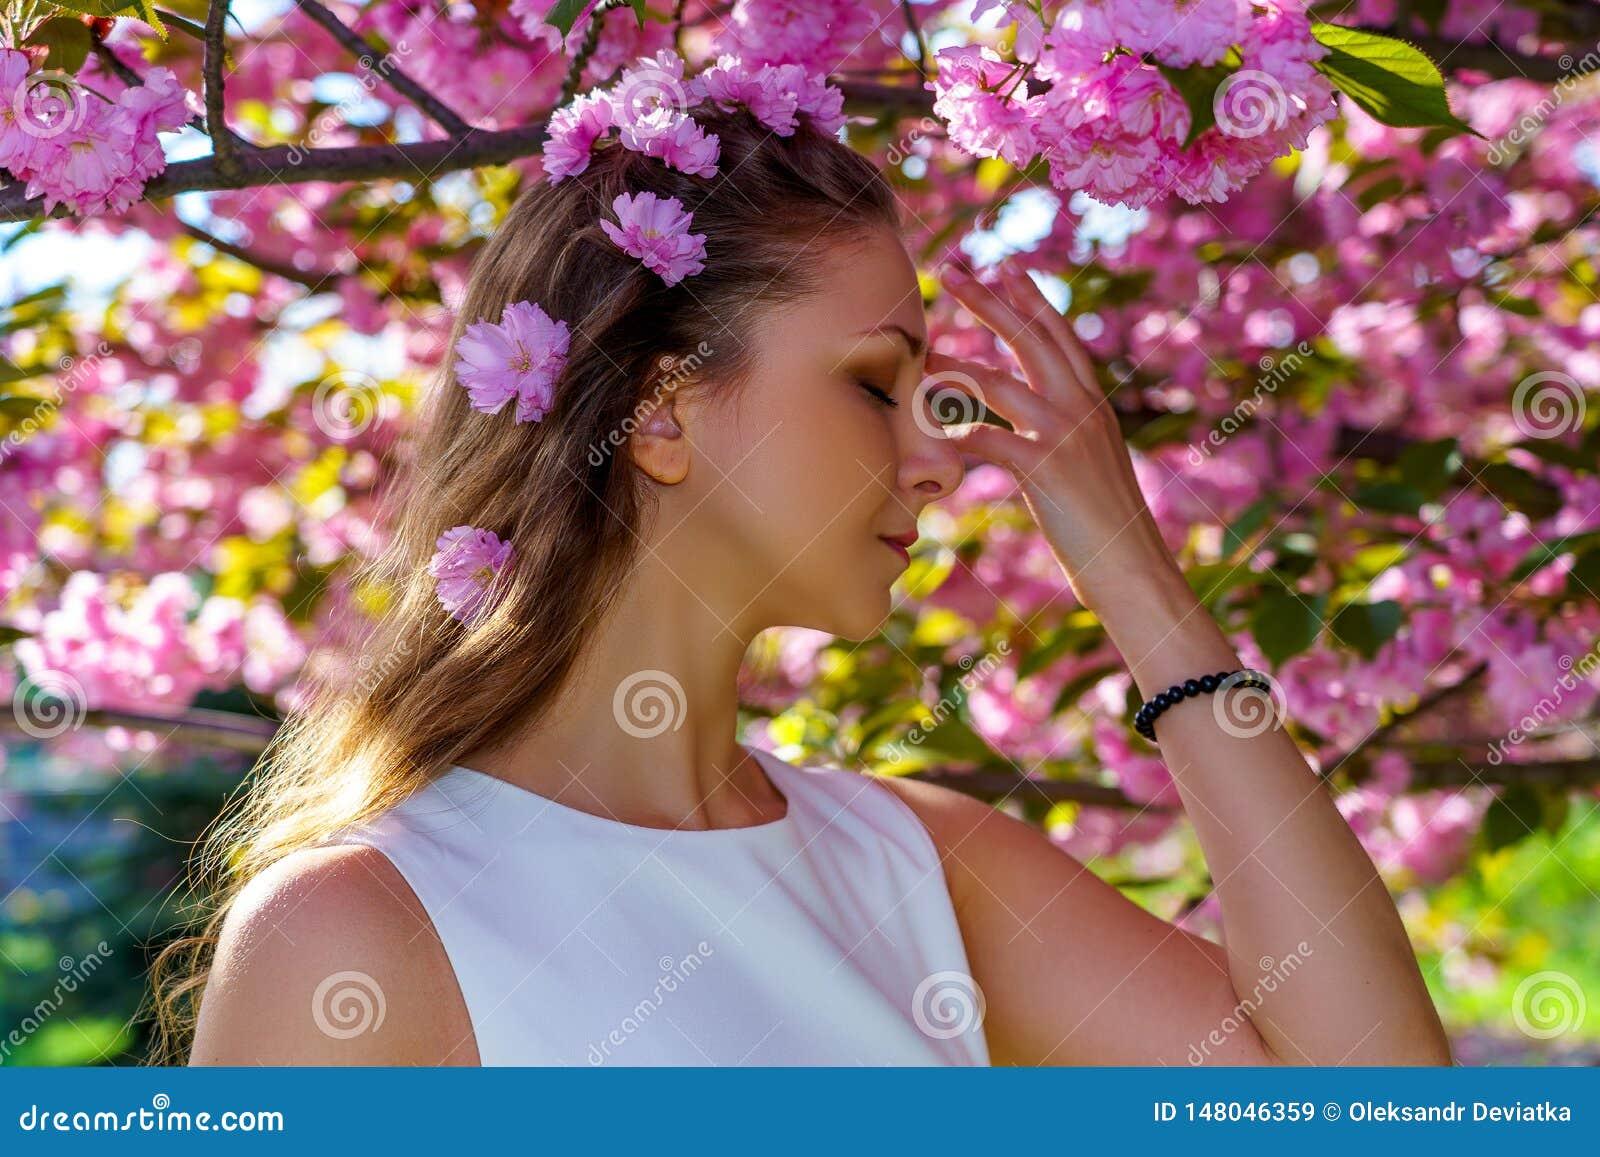 Le portrait haut étroit de la jeune belle femme avec les fleurs roses dans ses cheveux est dans la robe blanche pose l offre dans